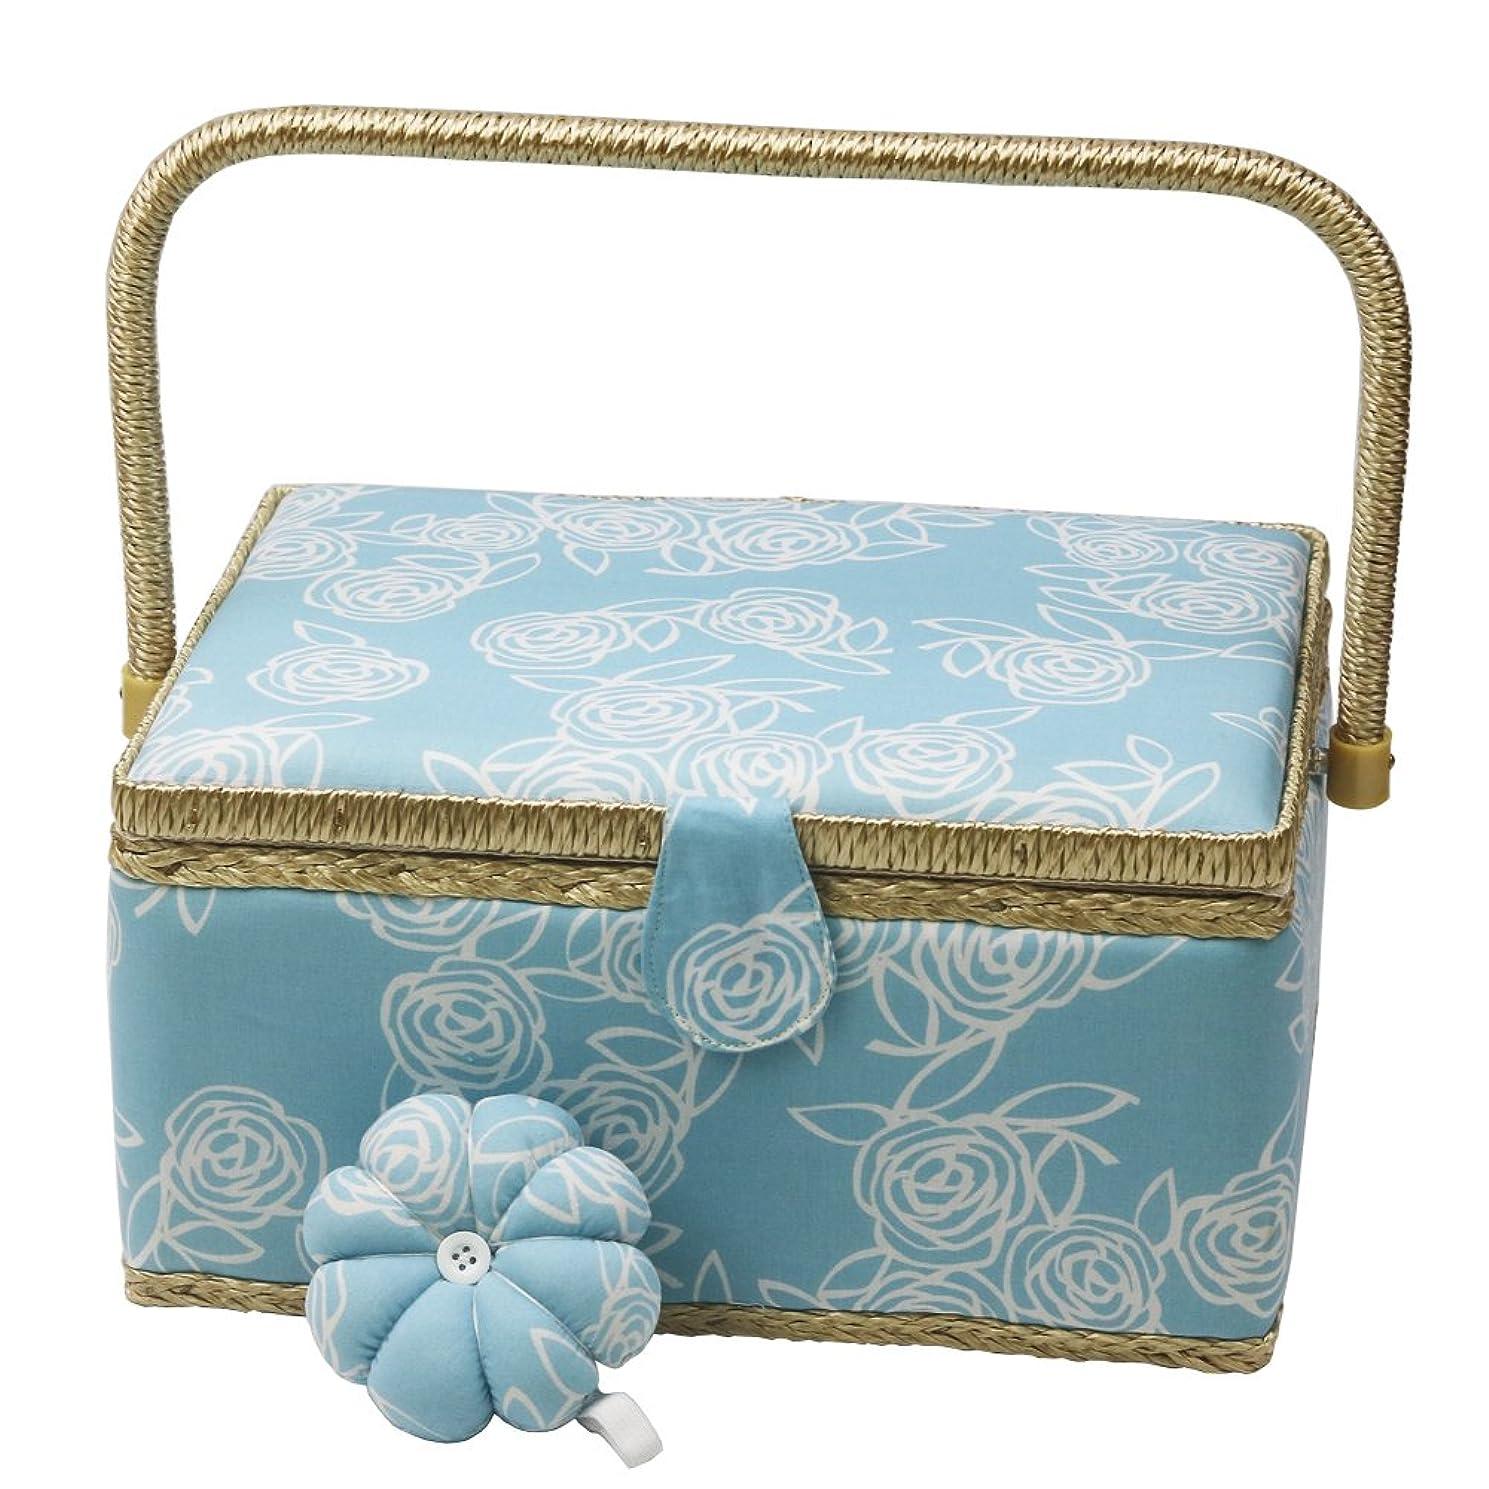 シェーバー世界群れNKTM 裁縫箱 可愛いフリル付きのジュエリーボックス アクセサリー収納ケース ローズ模様